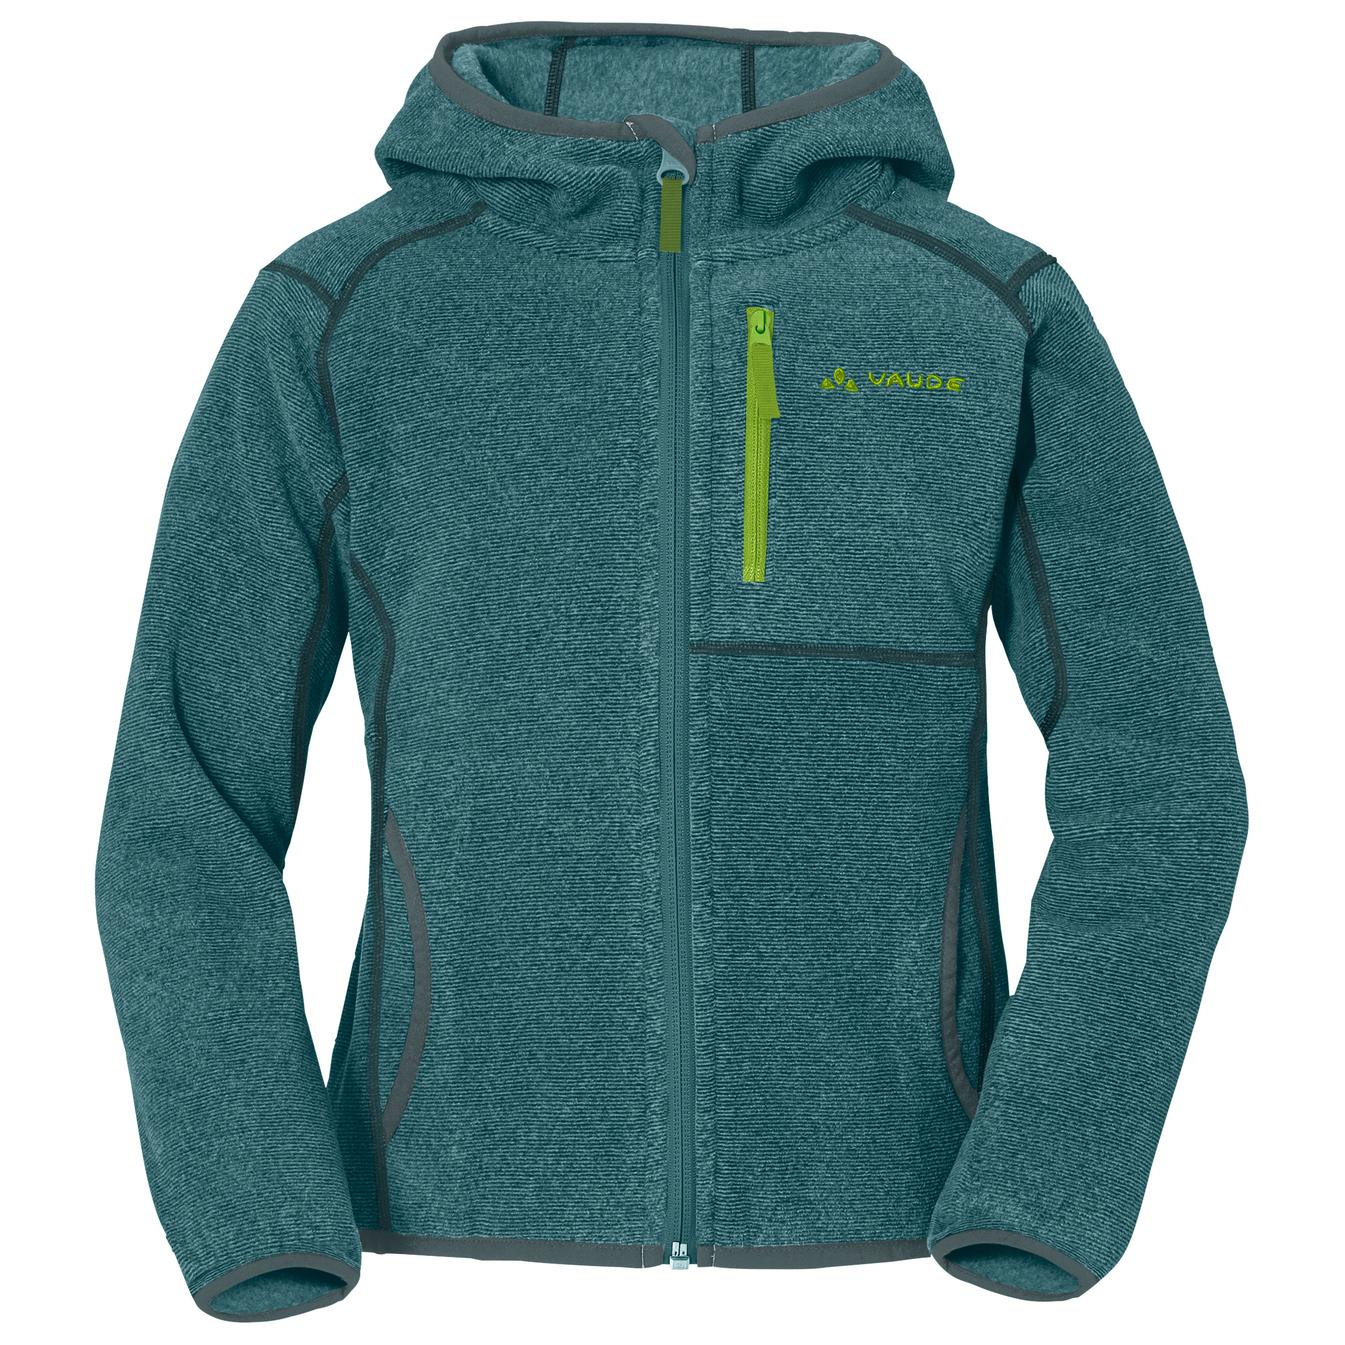 8557f3c2462 Vaude Katmaki Fleece Jacket - Fleecejacke Kinder online kaufen ...